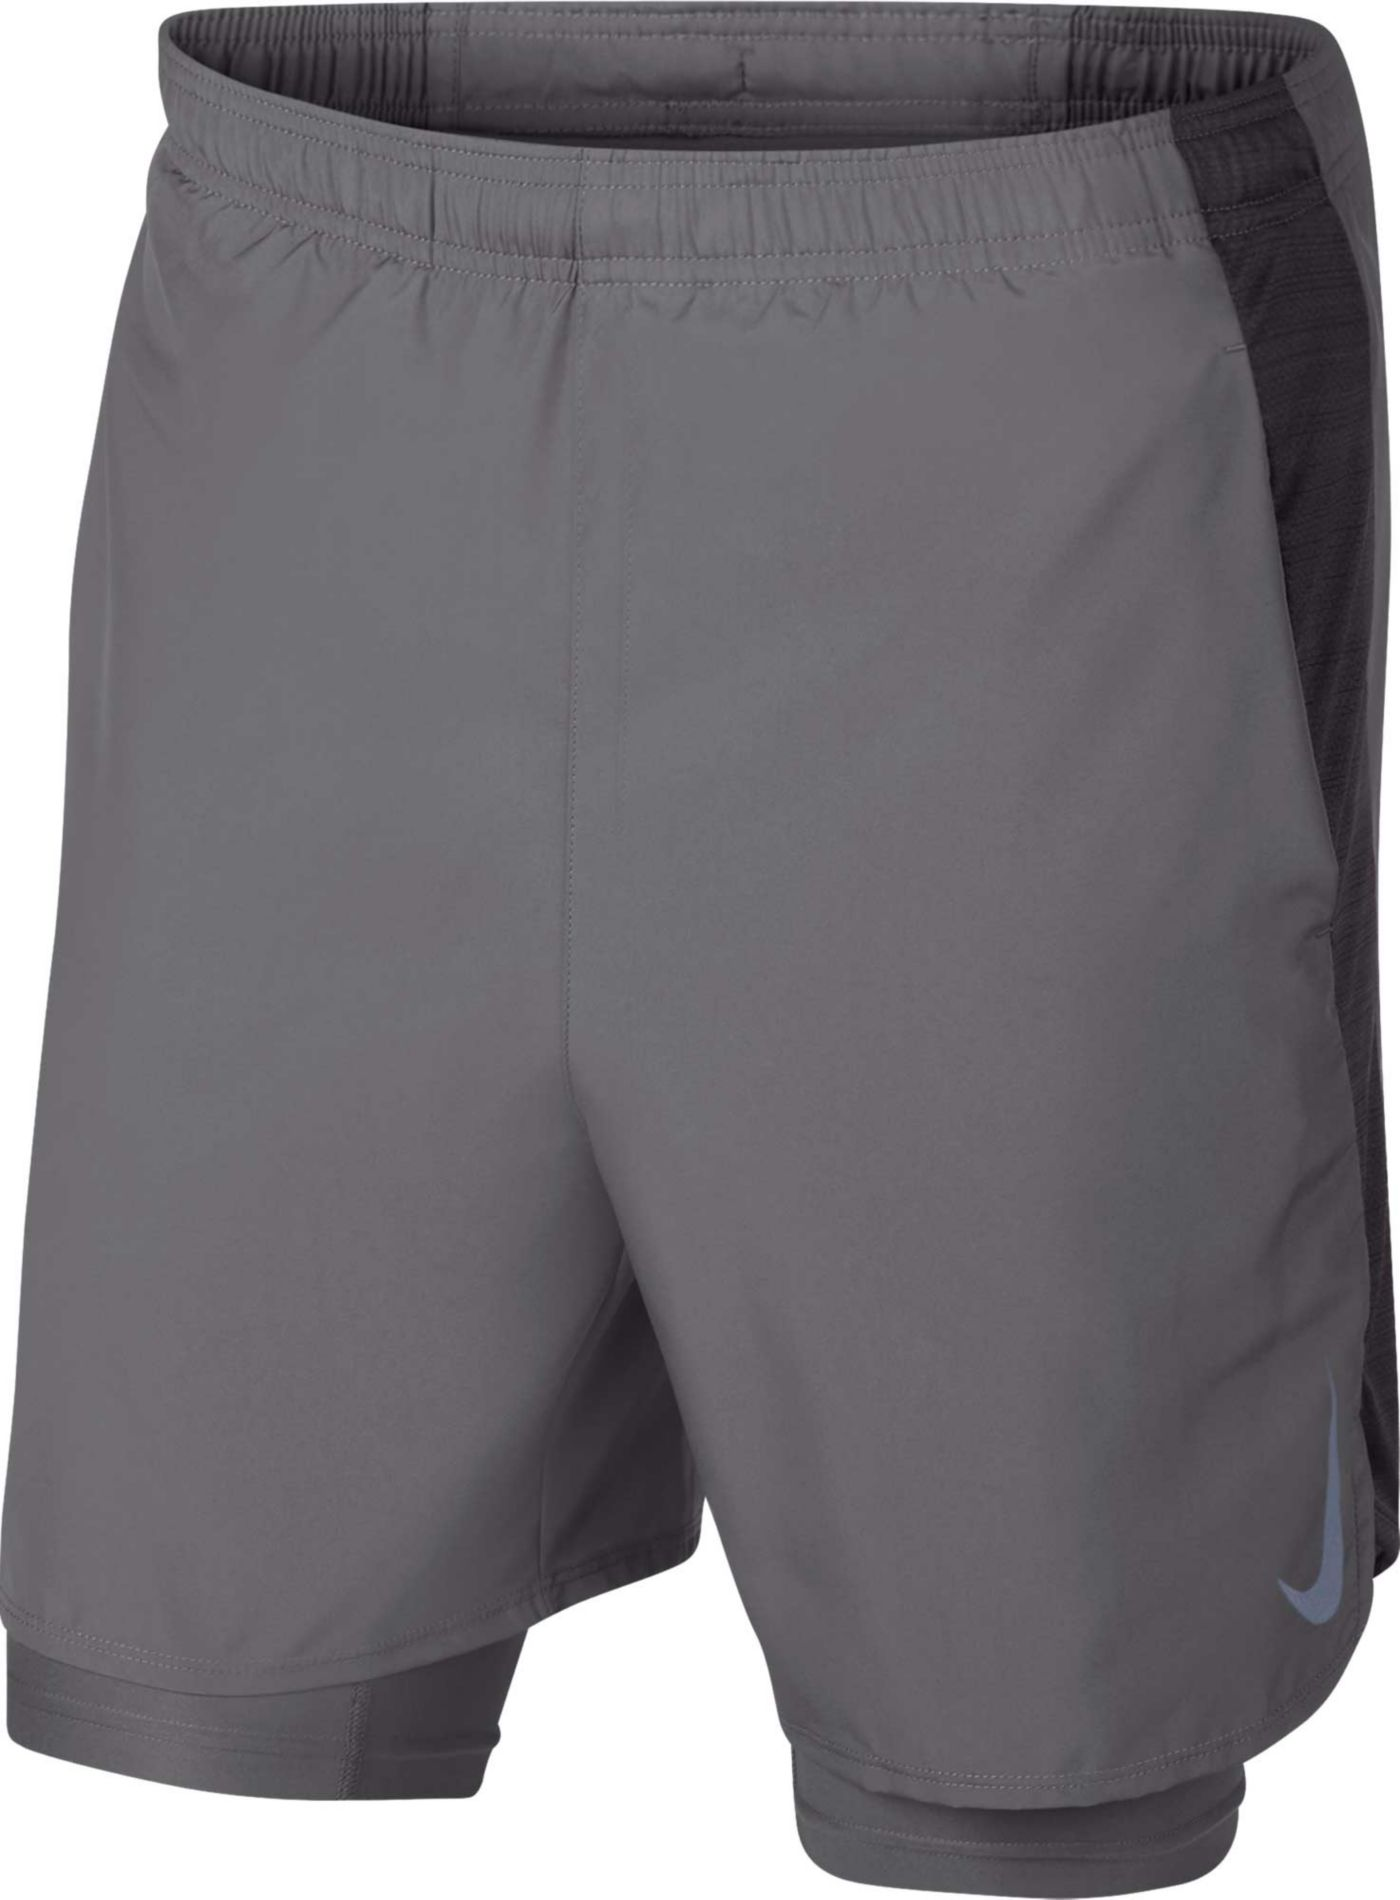 Nike Men's Dry Challenger 2-in-1 Running Shorts